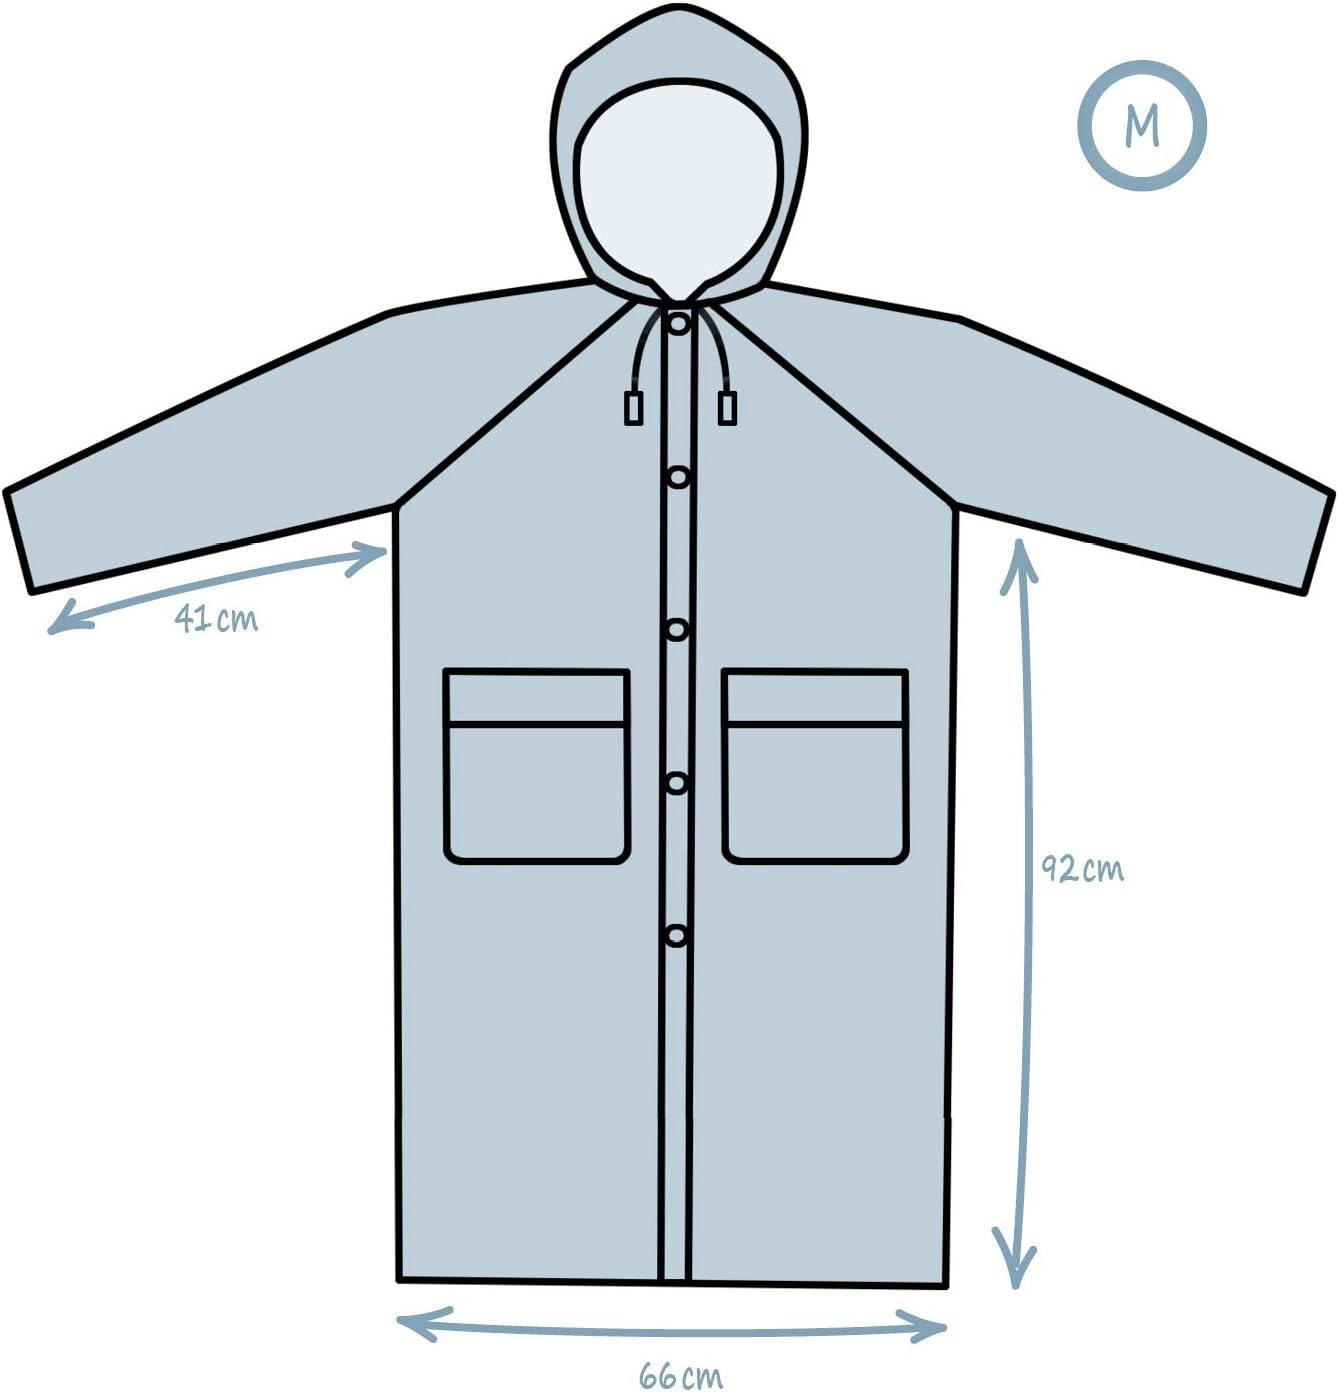 Regenschutz zu jeder Gelegenheit com-four/® Wiederverwendbarer Regenmantel transparenter Mehrweg Mantel mit Abnehmbarer Kapuze